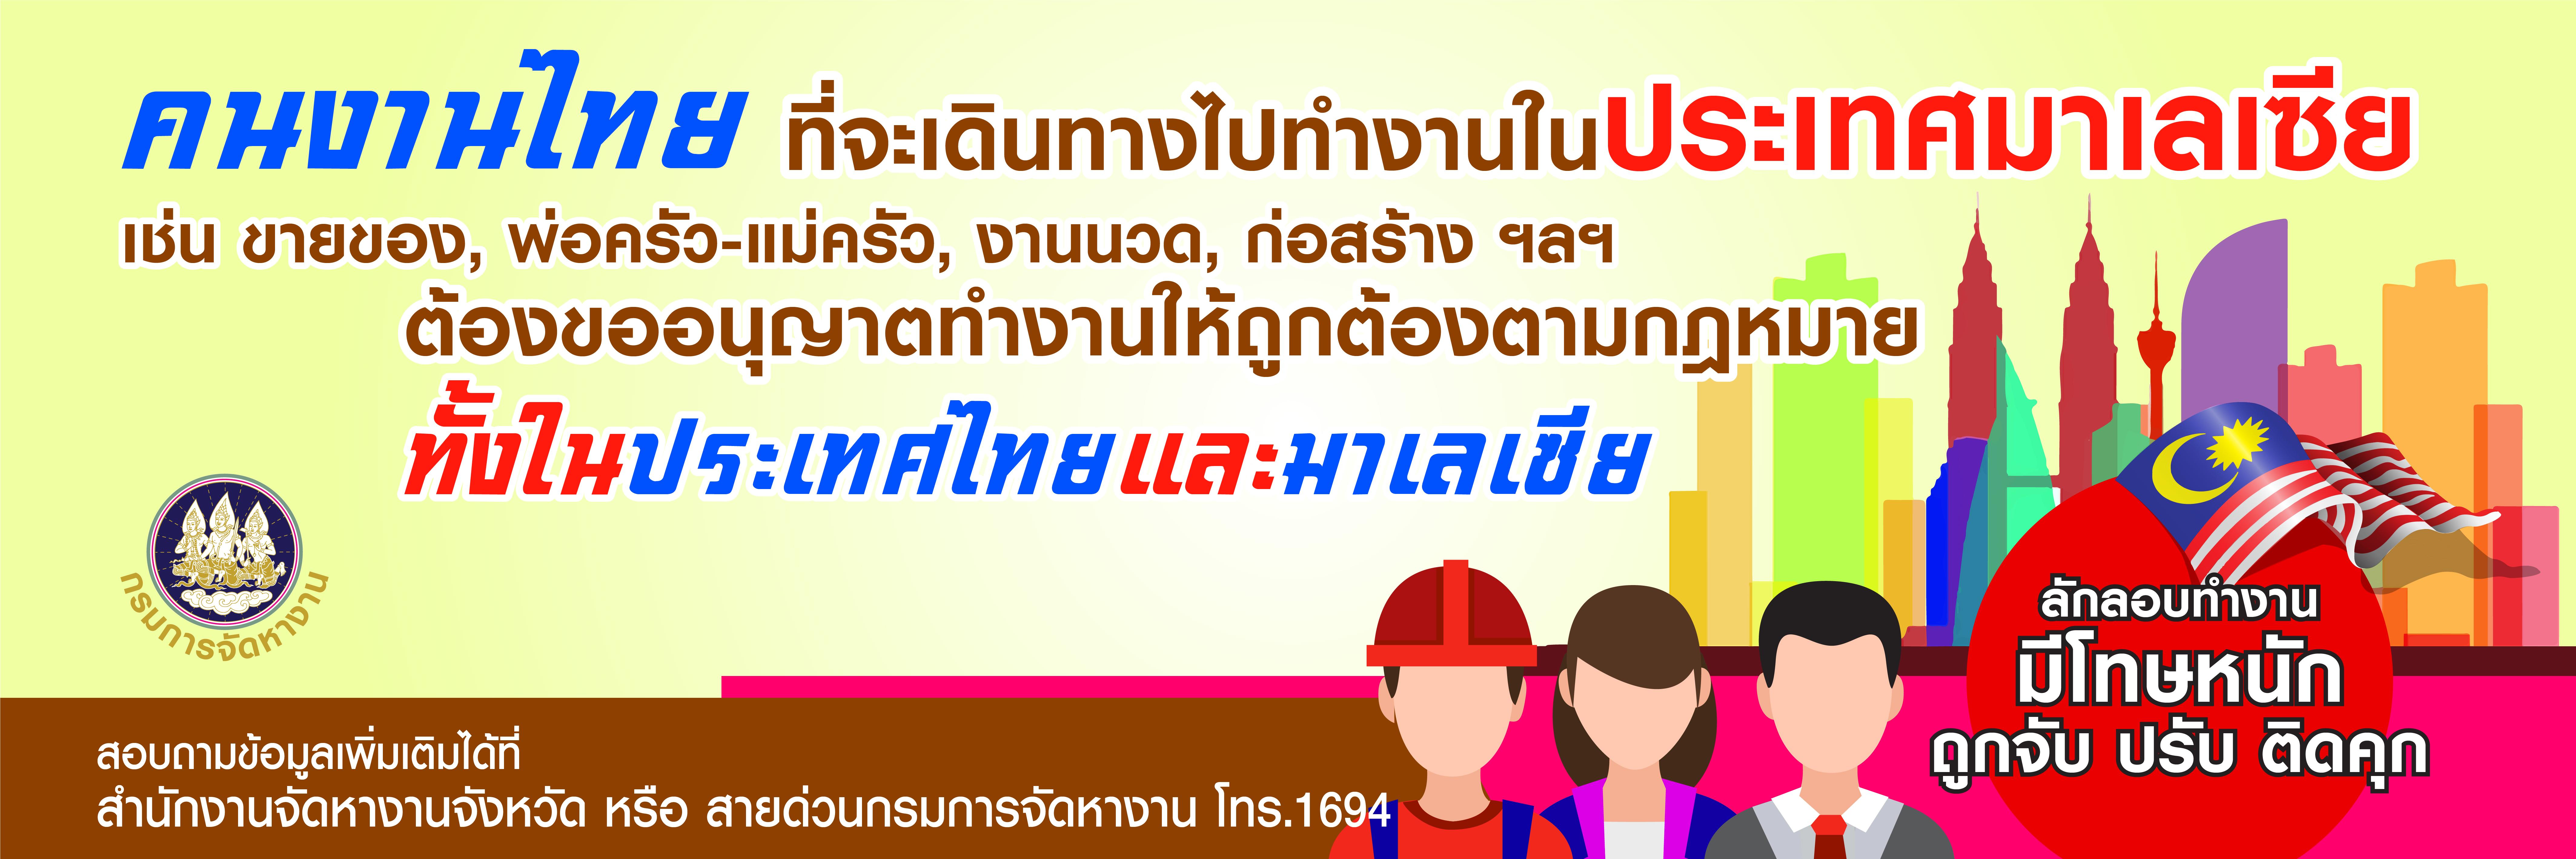 คนงานไทยในมาเลเซีย